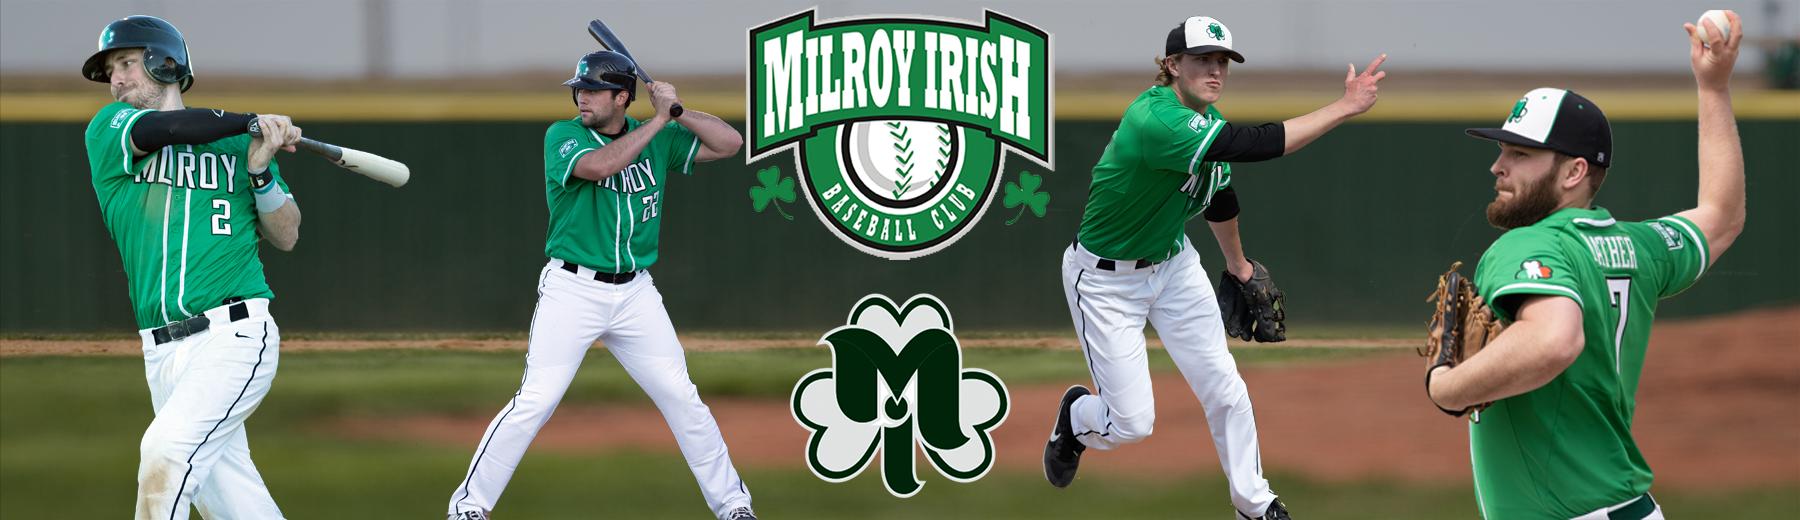 Milroy Irish